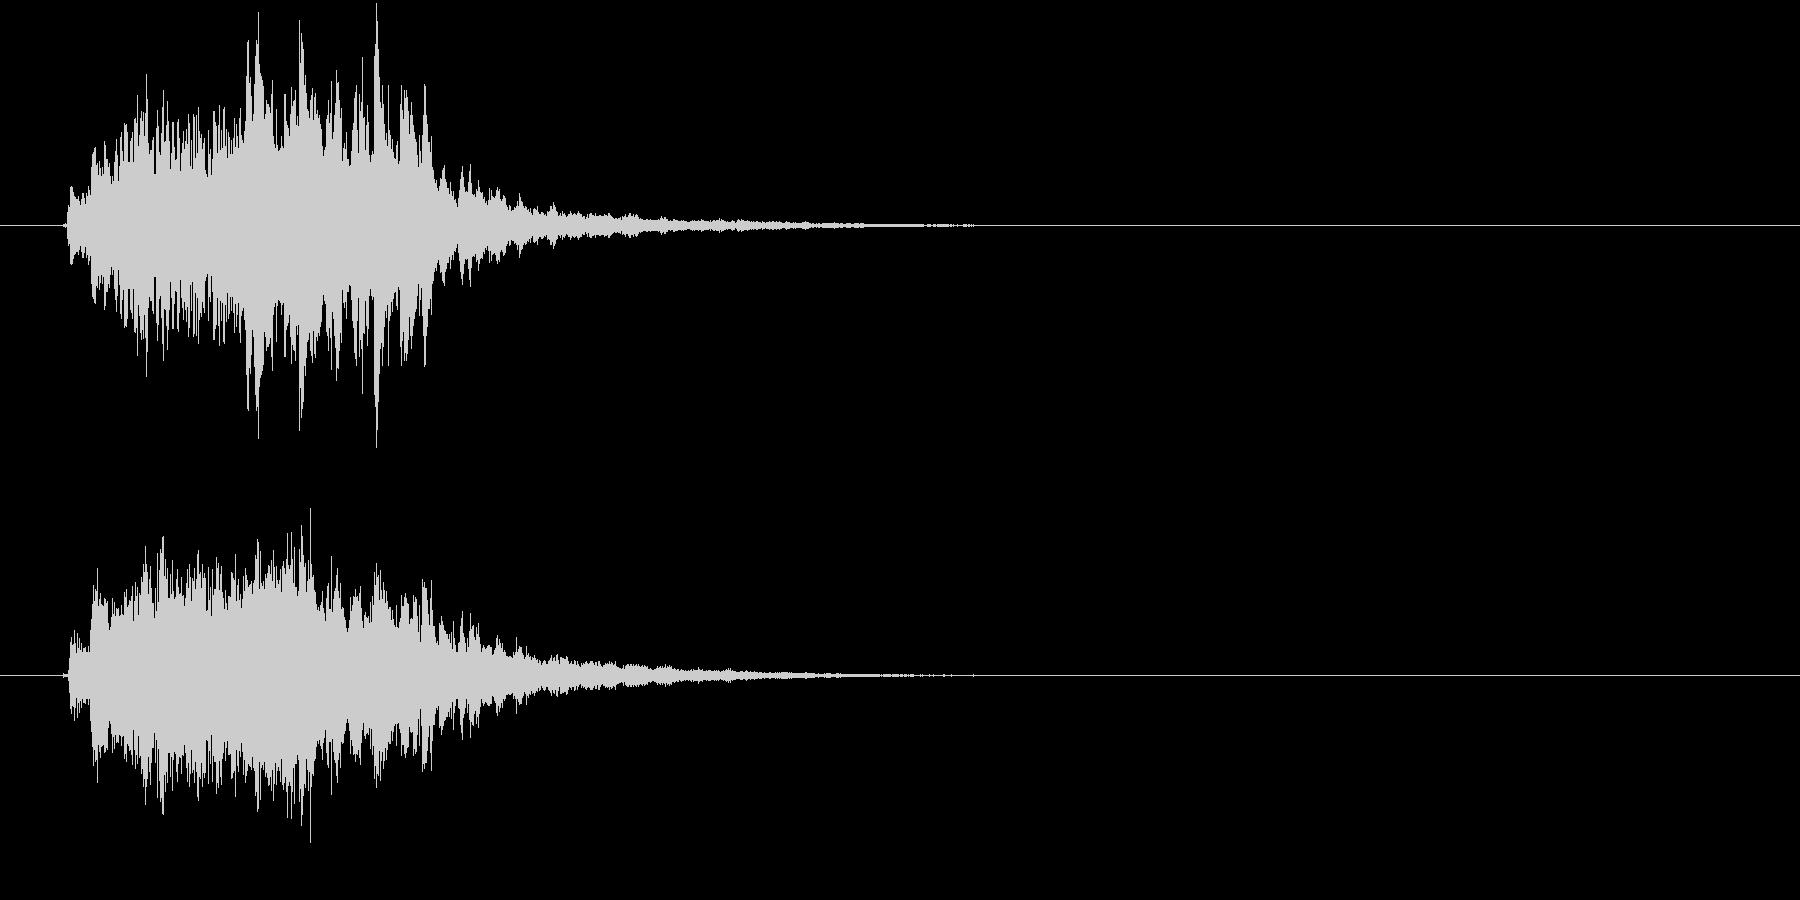 綺麗でメルヘンなファンタジーサウンドロゴの未再生の波形